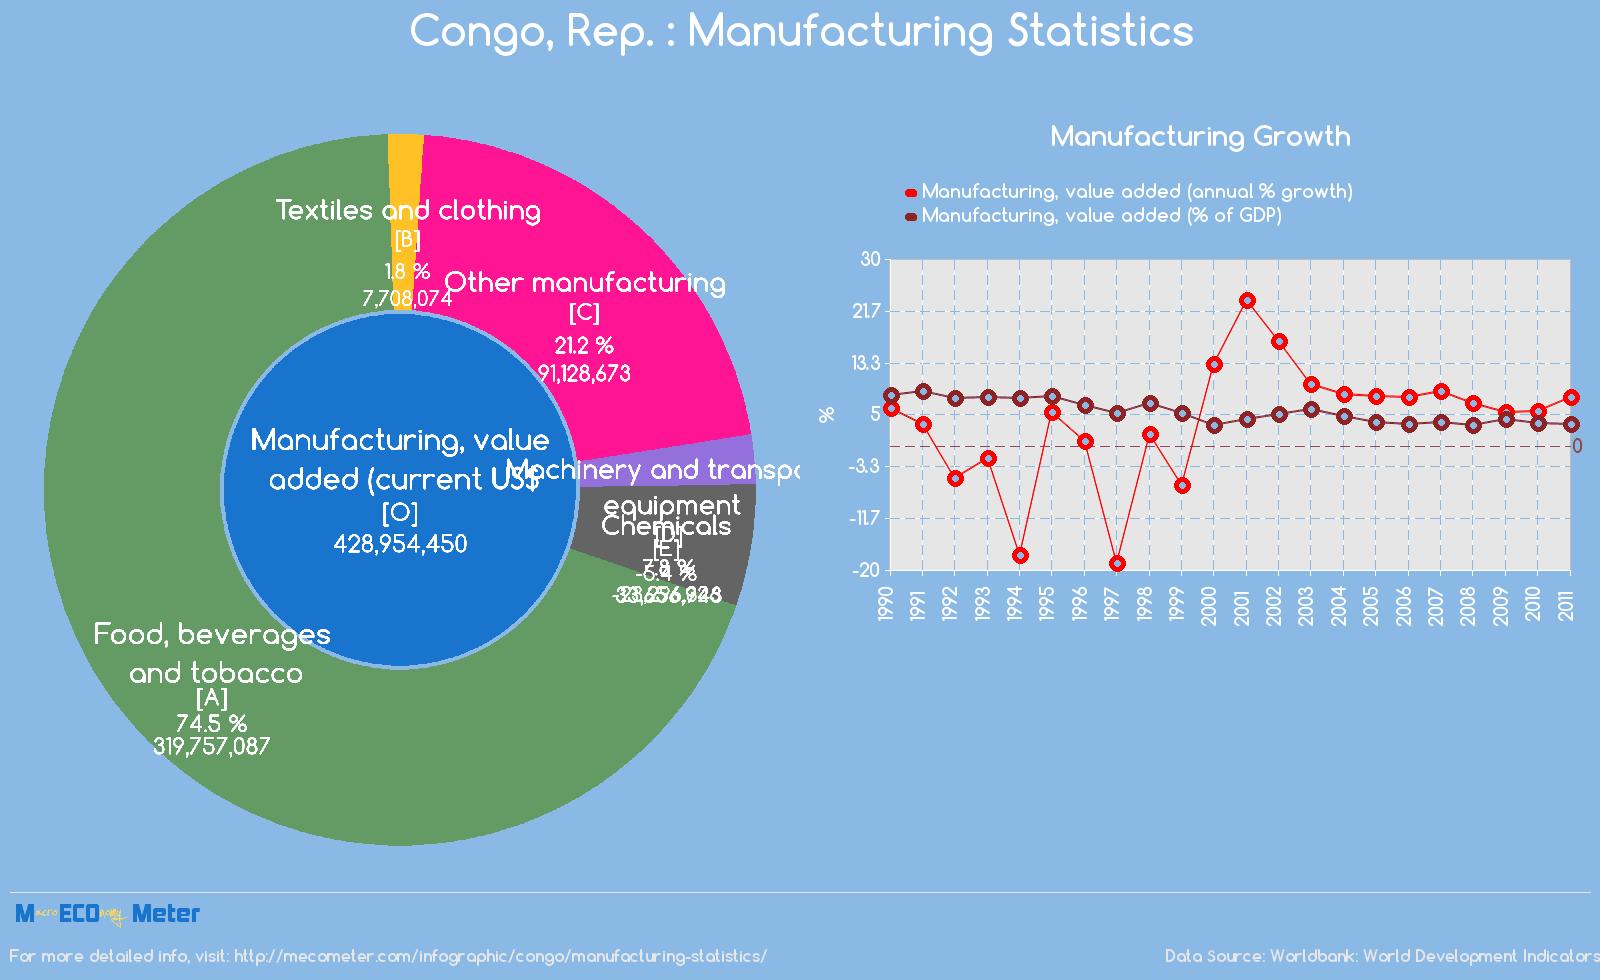 Congo : Manufacturing Statistics